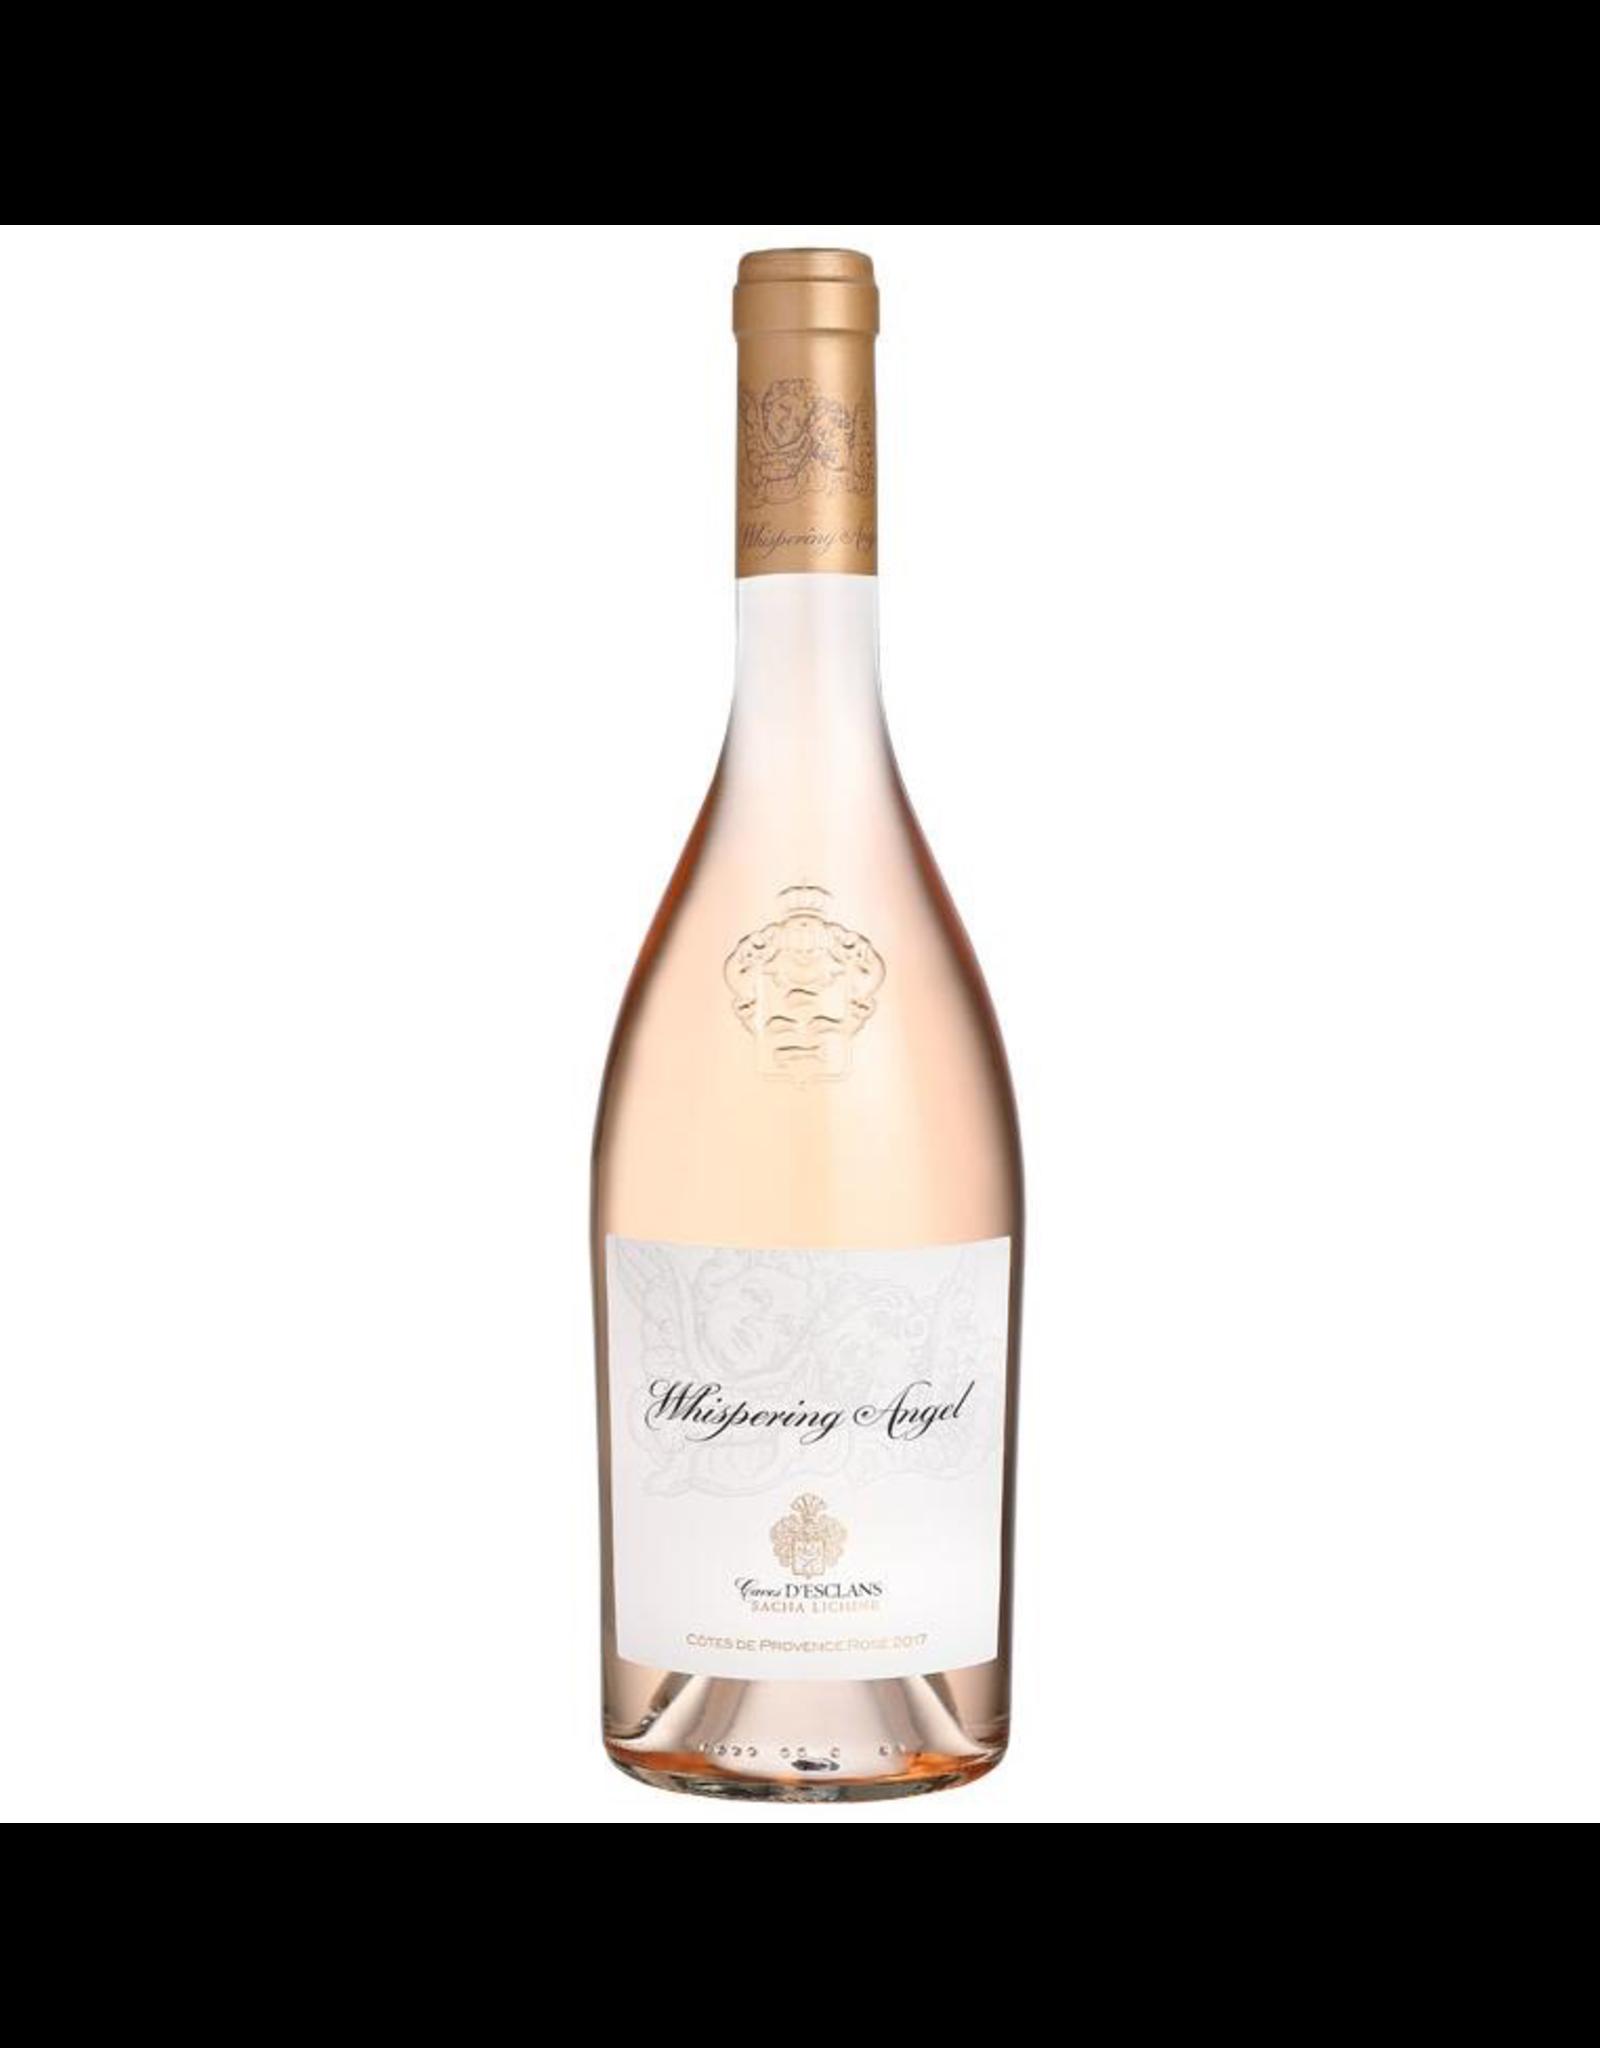 Rose Wine 2017, 1.5L Chateau d'Esclans Whispering Angel MAGNUM, Rose, Cotes De Provence, Provence, France, 13% Alc, CTnr